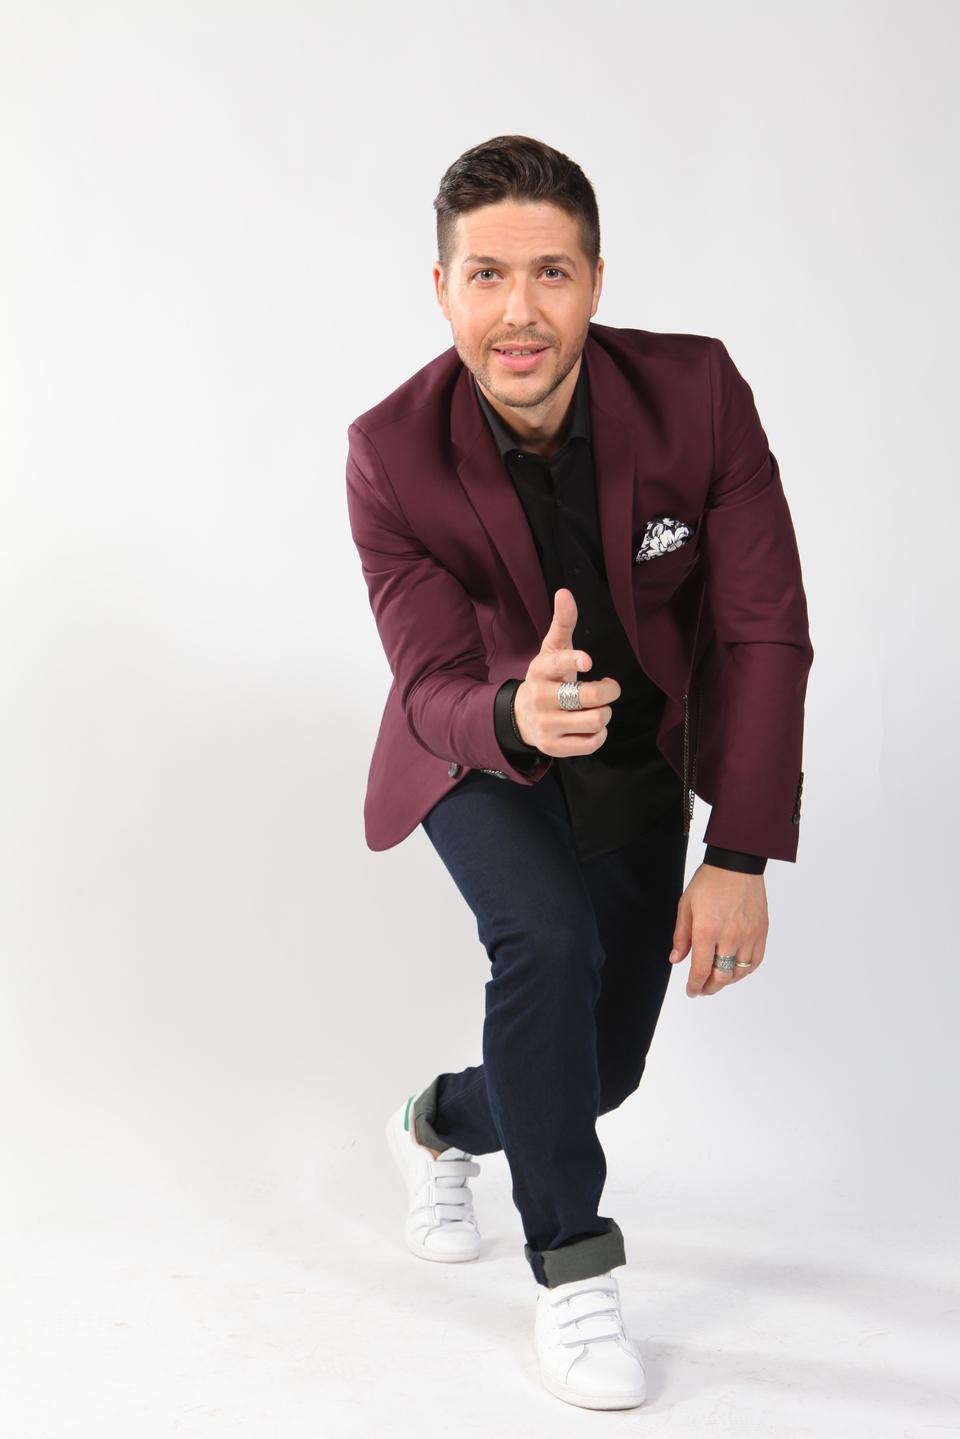 """MODIFICĂRI. Show-ul """"Super Potriveala"""" va fi difuzat în fiecare vineri, de la ora 23:00, la Kanal D! Începand de vineri, 15 septembrie, emisiunea prezentata de Jorge va putea fi urmarita imediat dupa serialul feonomen """"Patria mea esti tu!"""""""